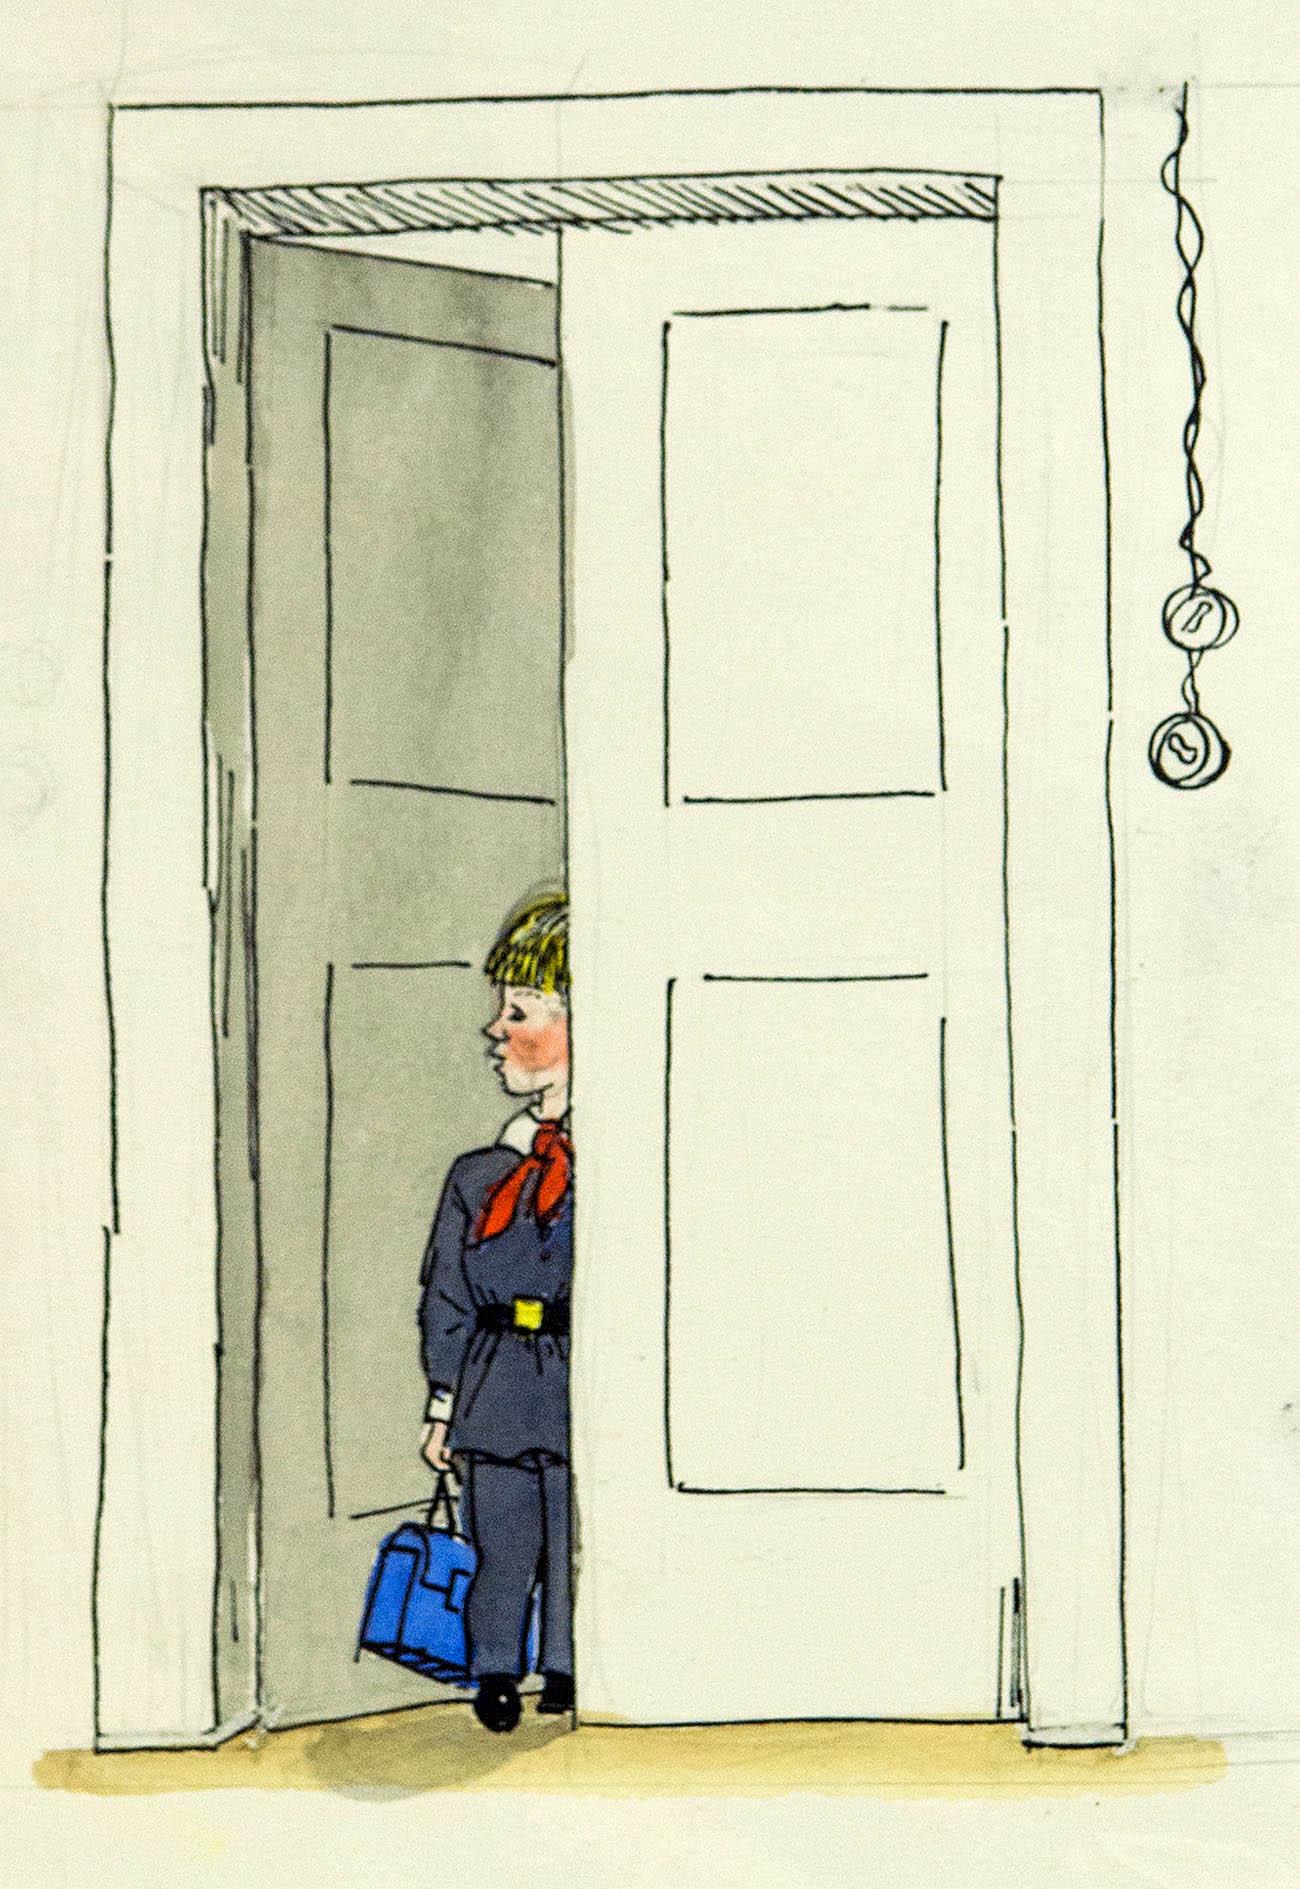 Каникулы кончились... Оригинал иллюстрации к повести «Витя Малеев в школе и дома» Н. Носова.